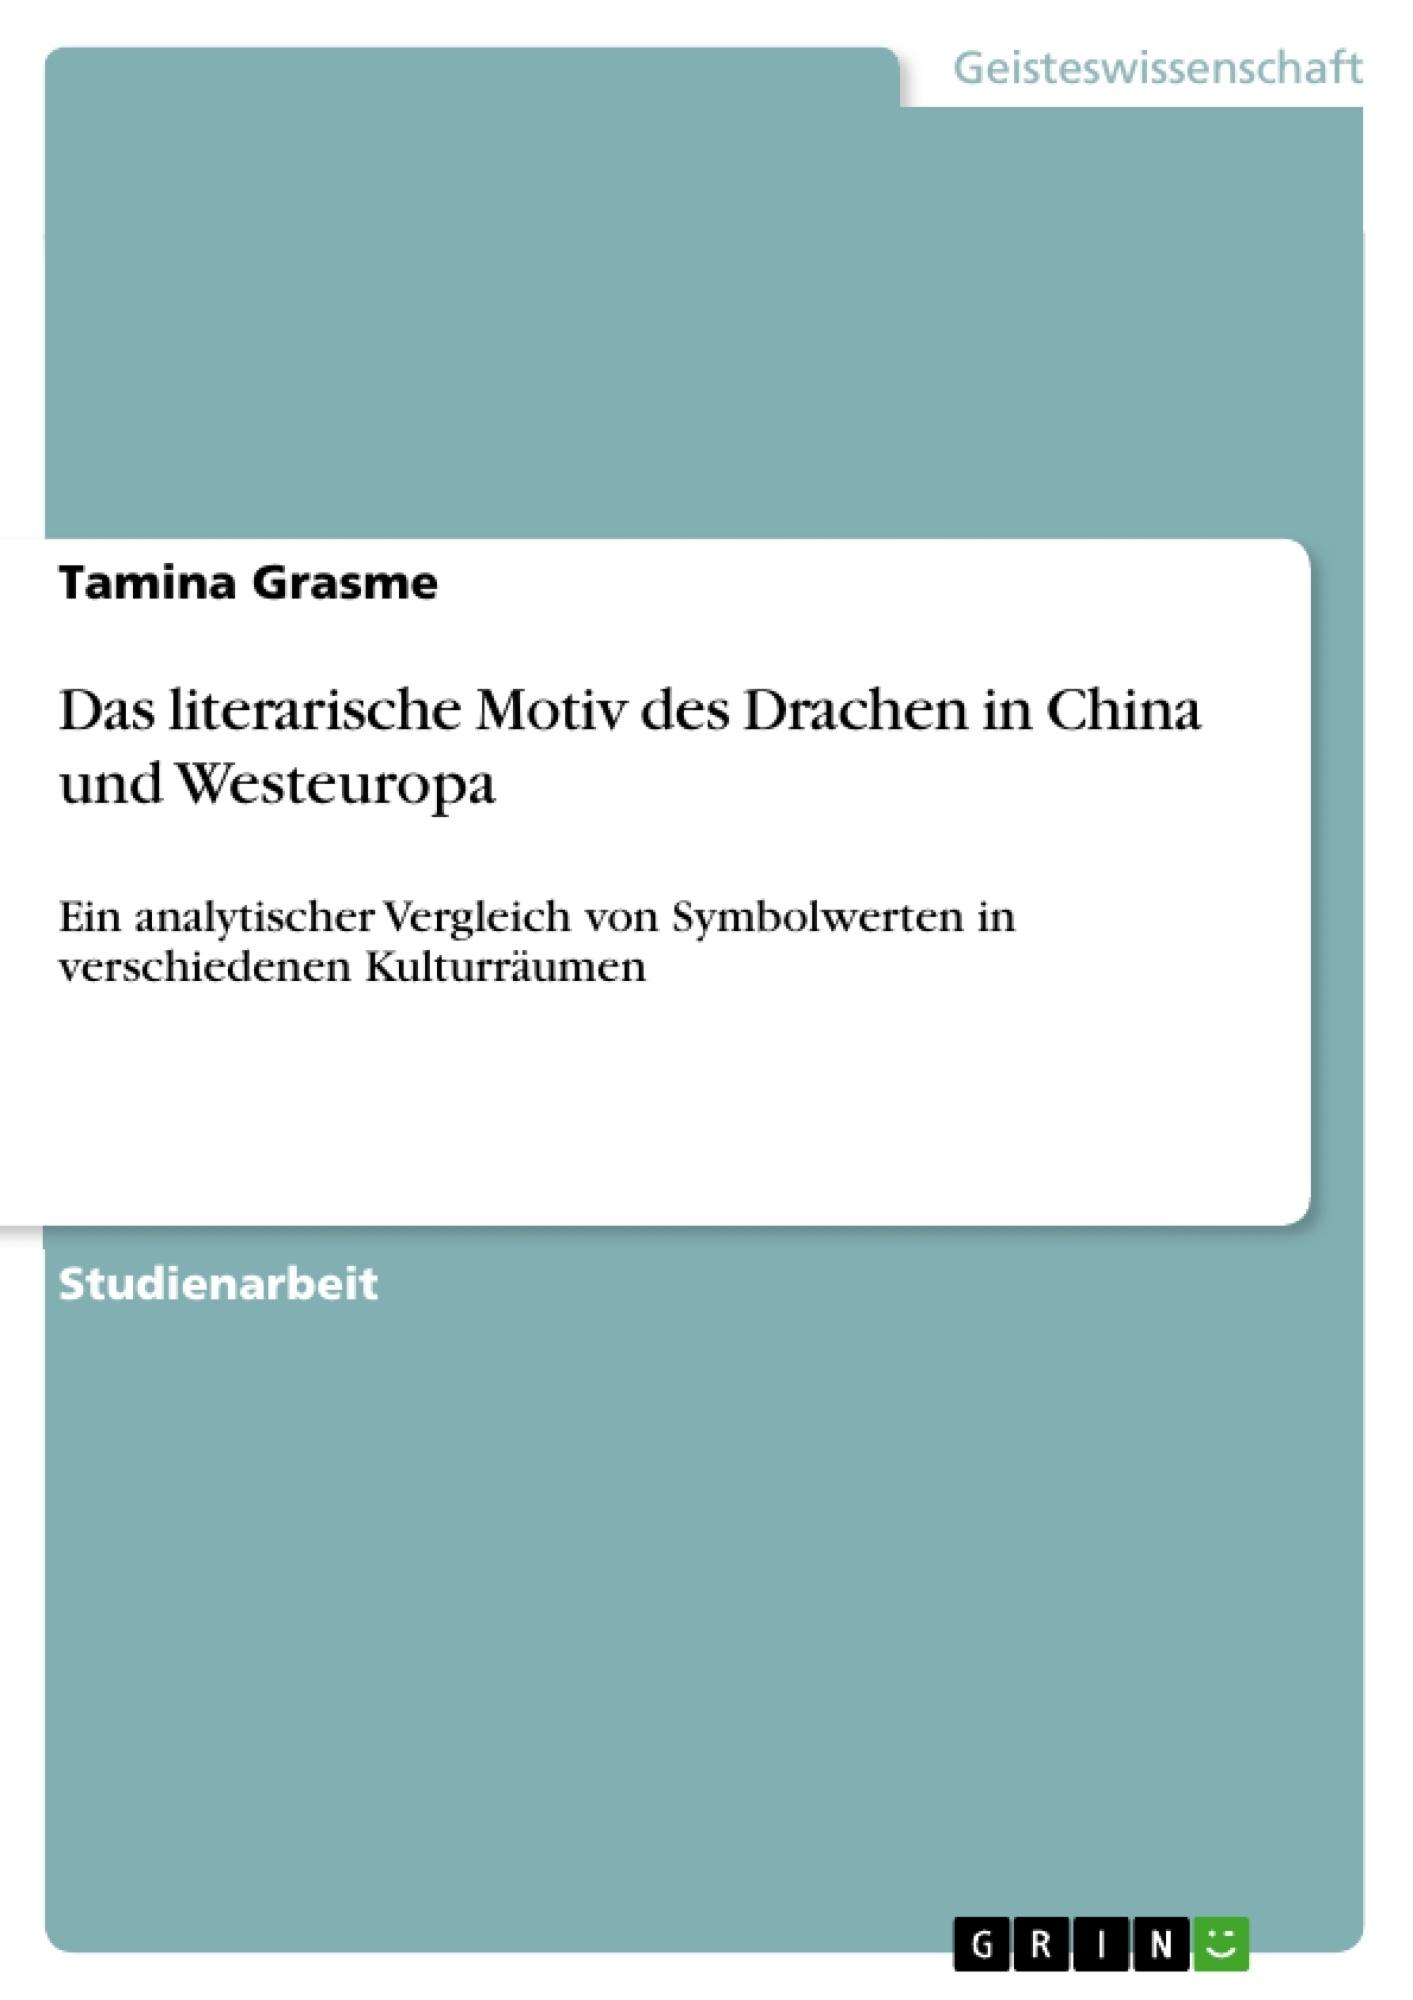 Titel: Das literarische Motiv des Drachen in China und Westeuropa